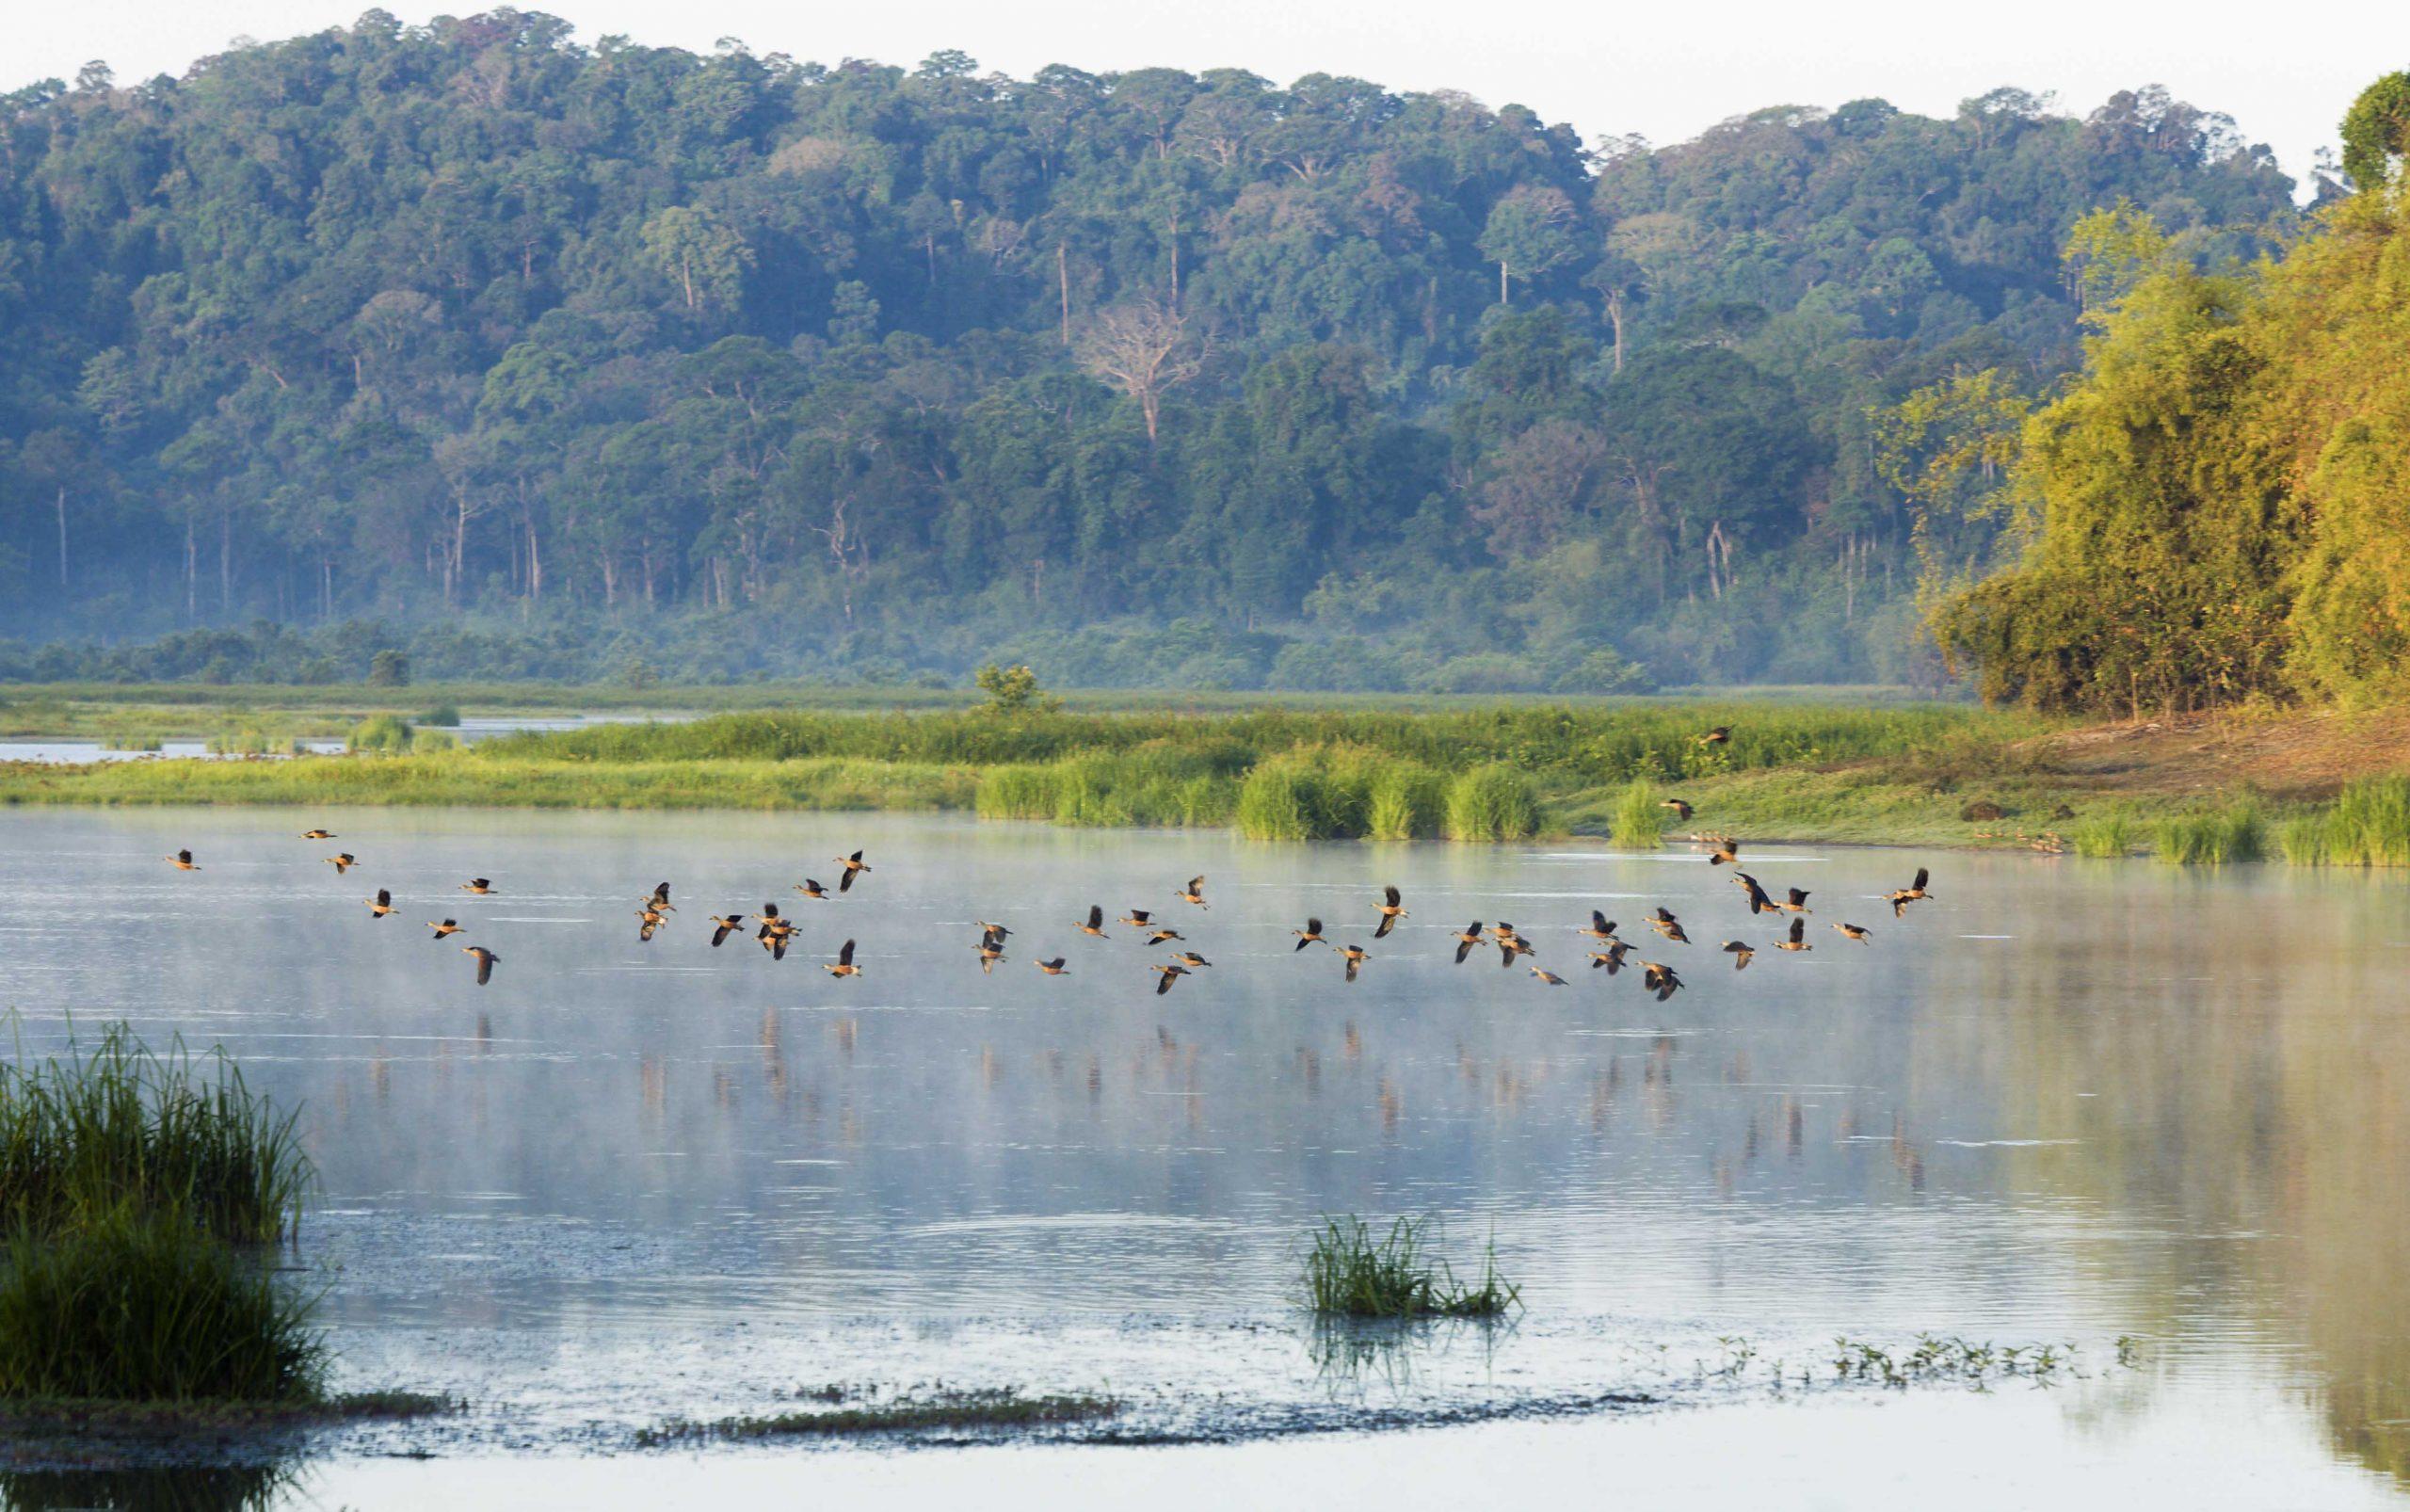 Vườn quốc gia Cát Tiên có hệ sinh thái đa dạng, phong phú